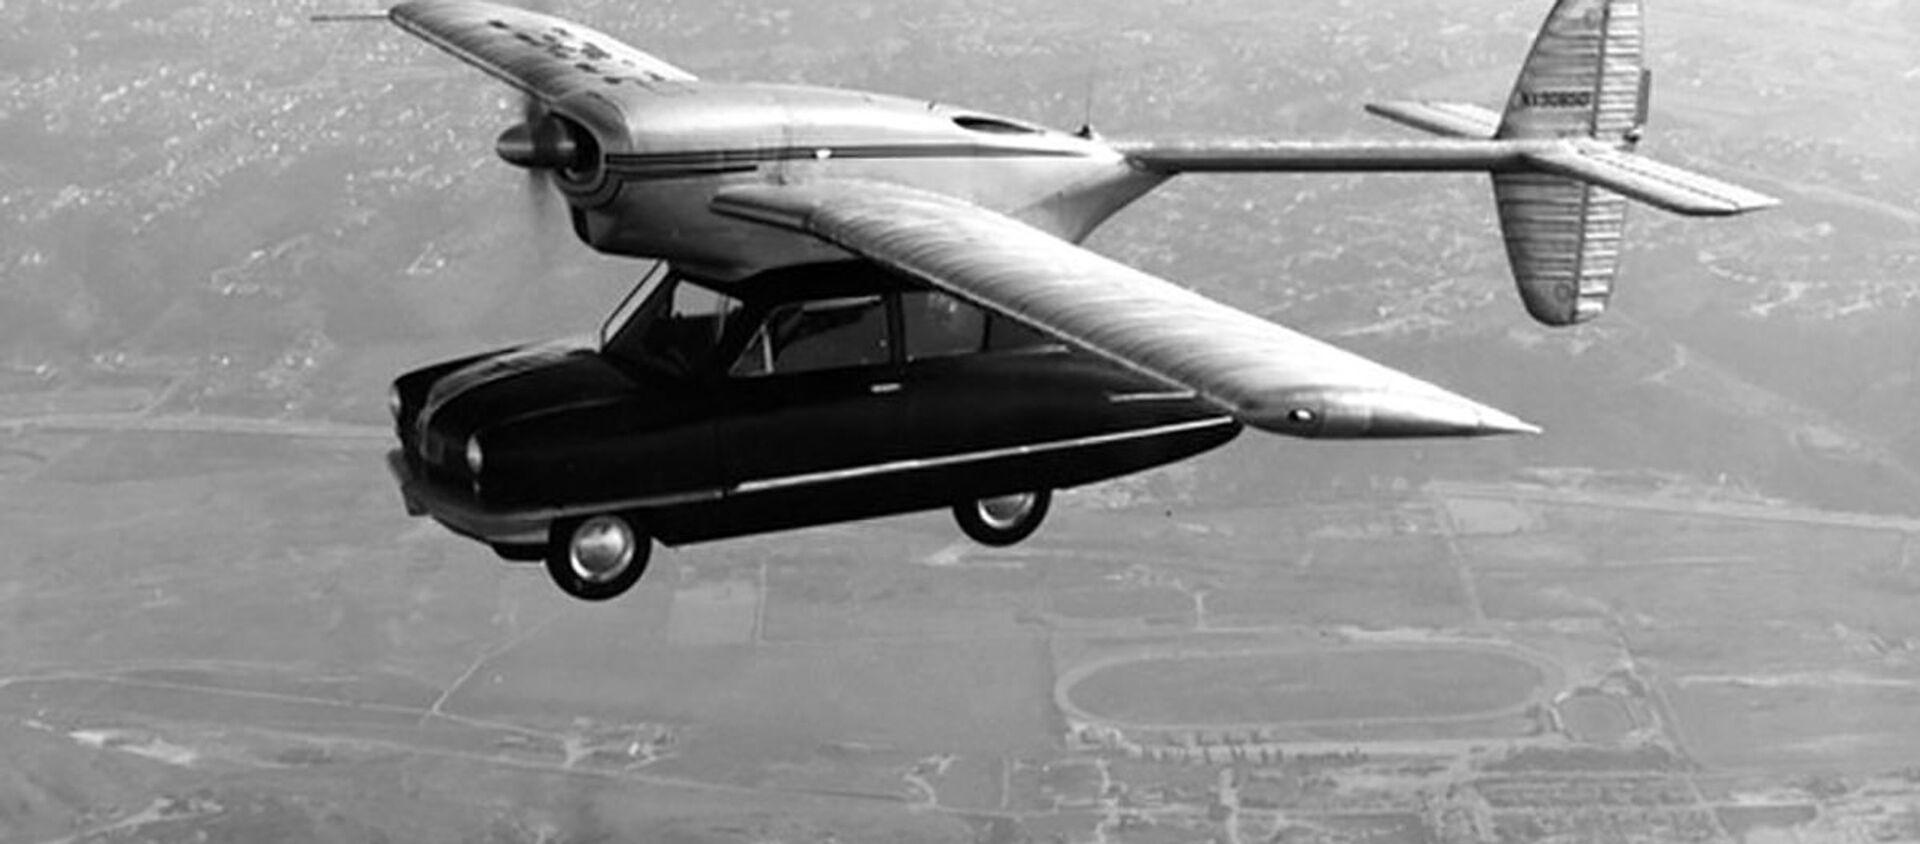 Prototyp latającego samochodu Convair Model 118, 1947 rok - Sputnik Polska, 1920, 26.01.2021